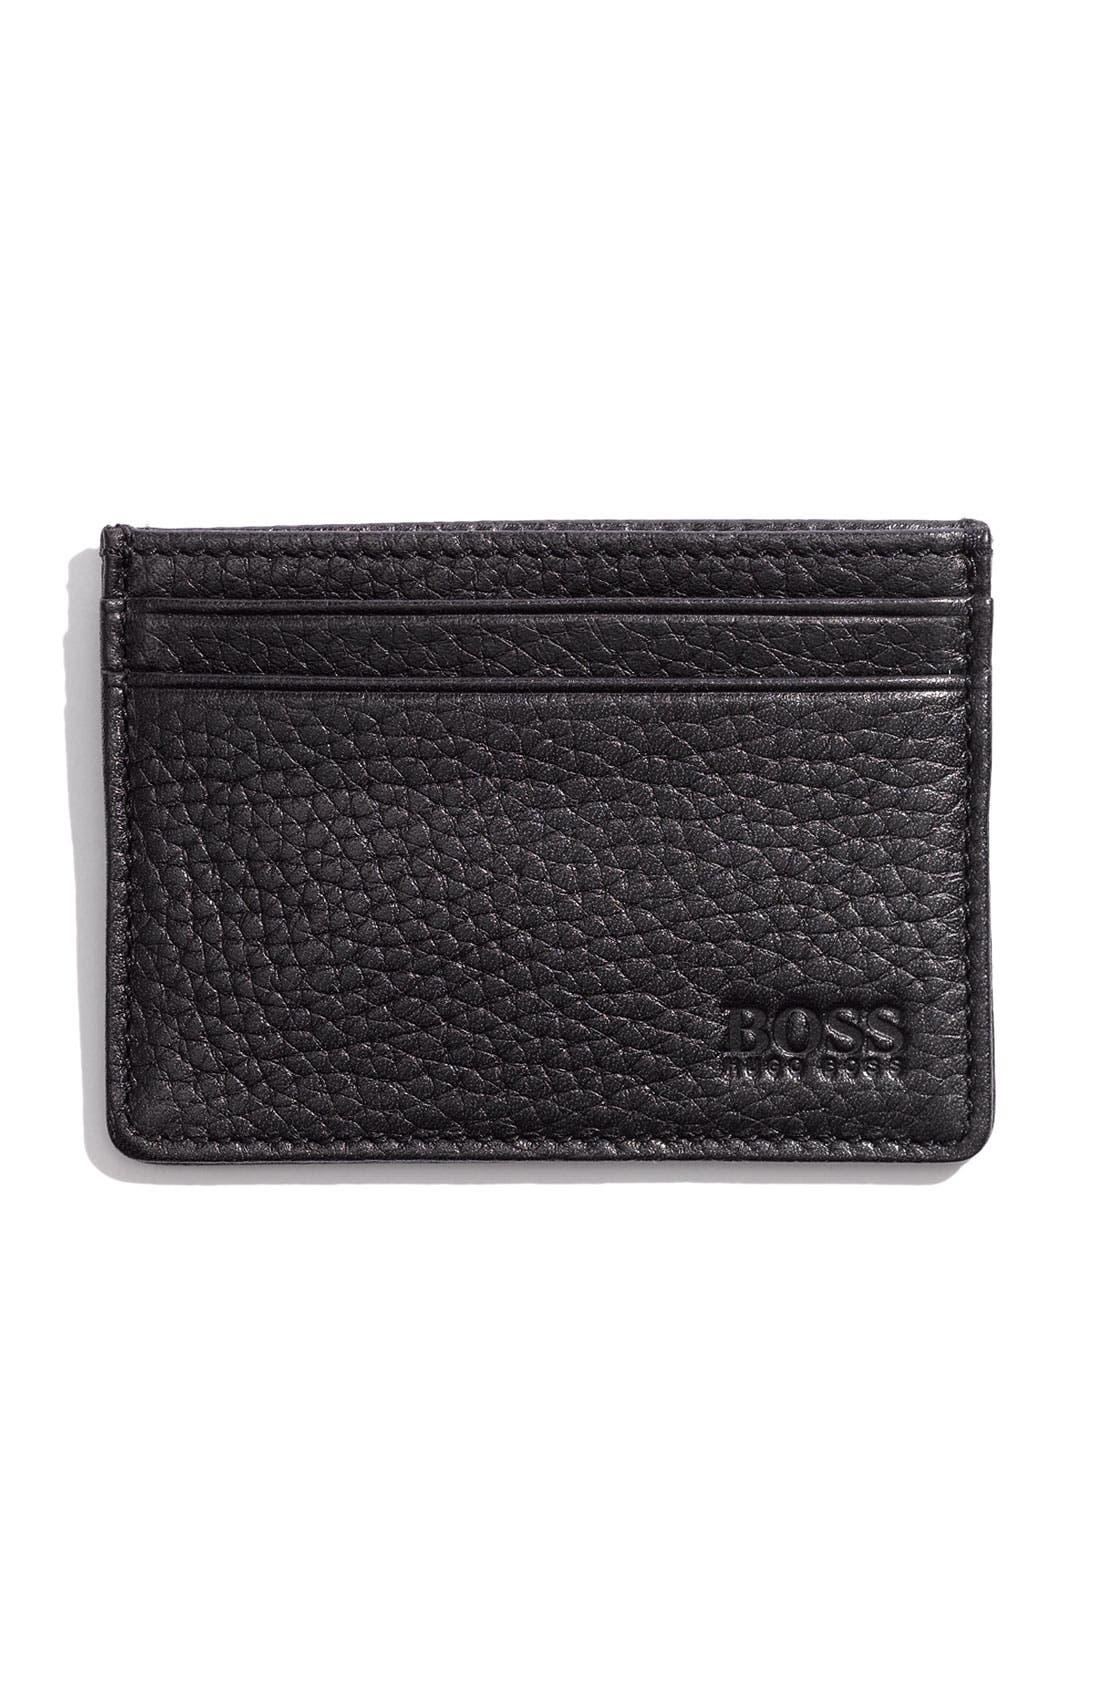 Alternate Image 1 Selected - BOSS HUGO BOSS 'Bradenton' Leather Card Case